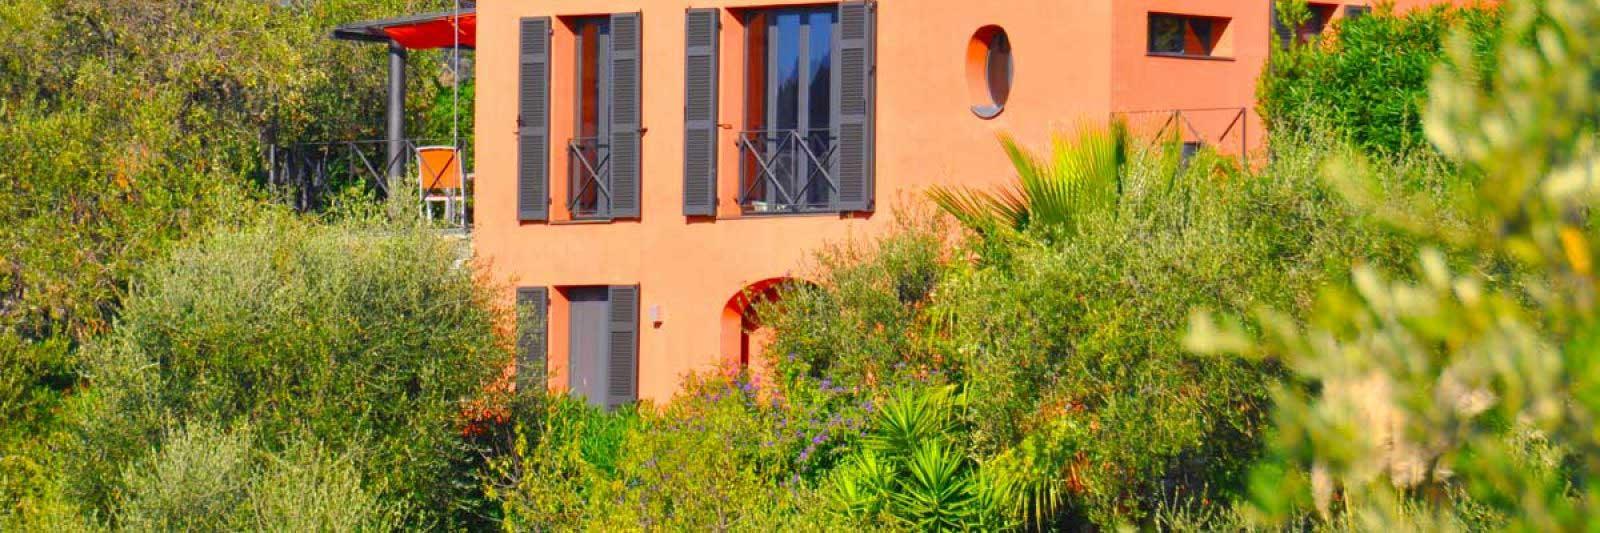 Haus von aussen. Casa Fiori. Ferienhaus in Ligurien mit Blick auf das Meer.